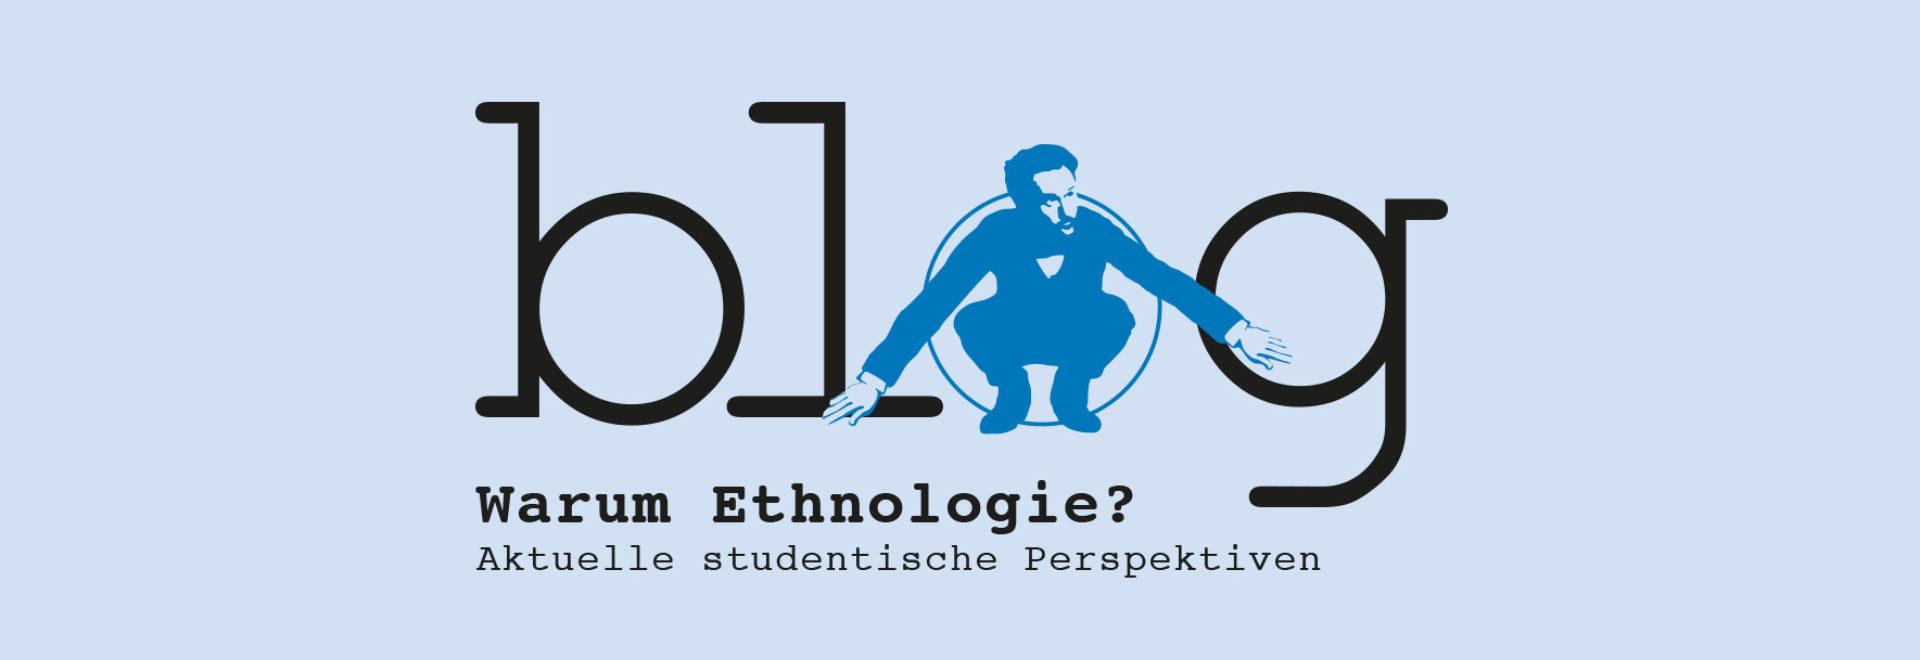 Warum Ethnologie?